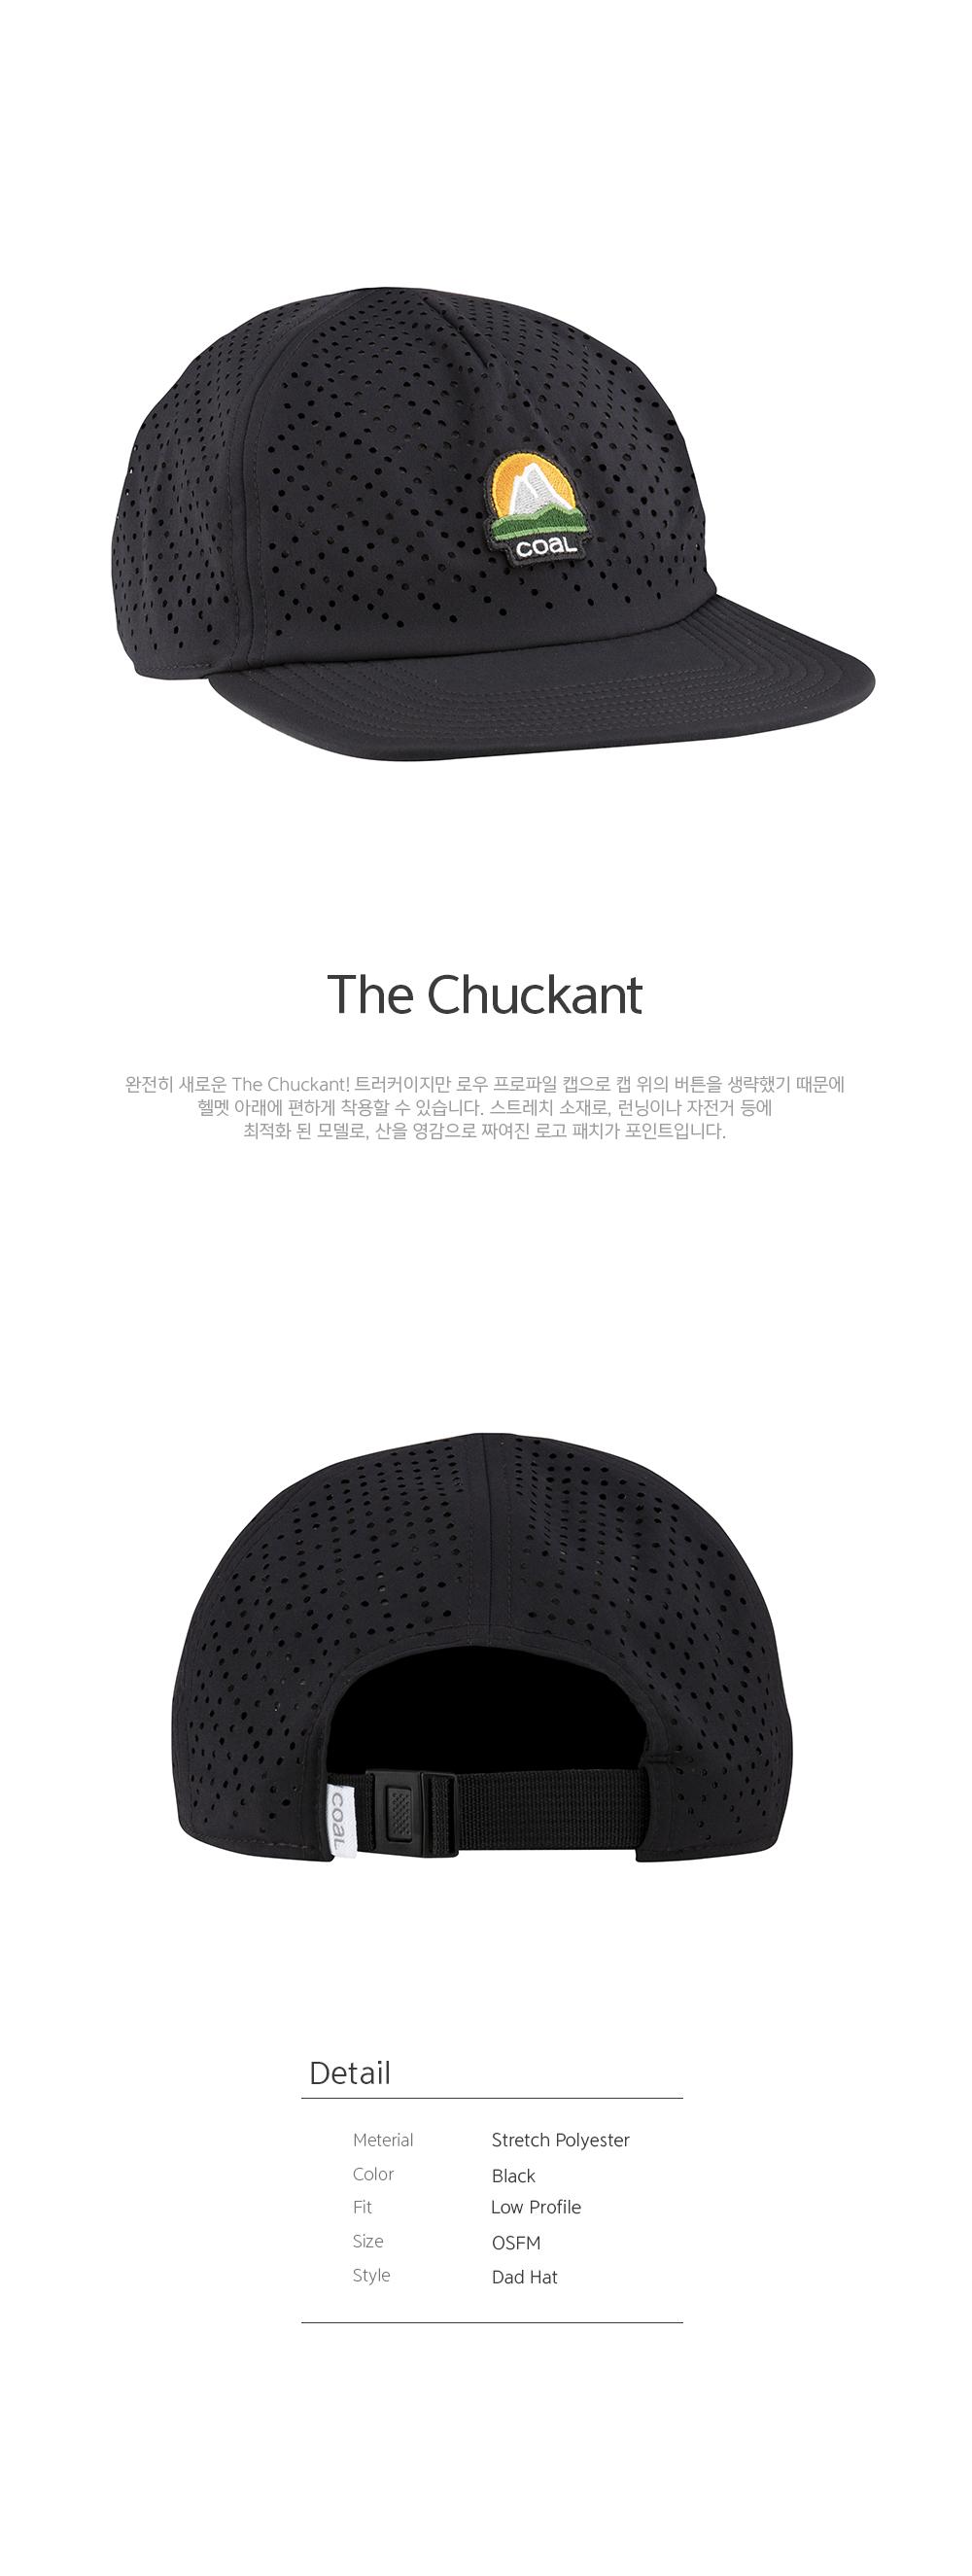 콜(COAL) 19SS The Chuckanut Black OSFM